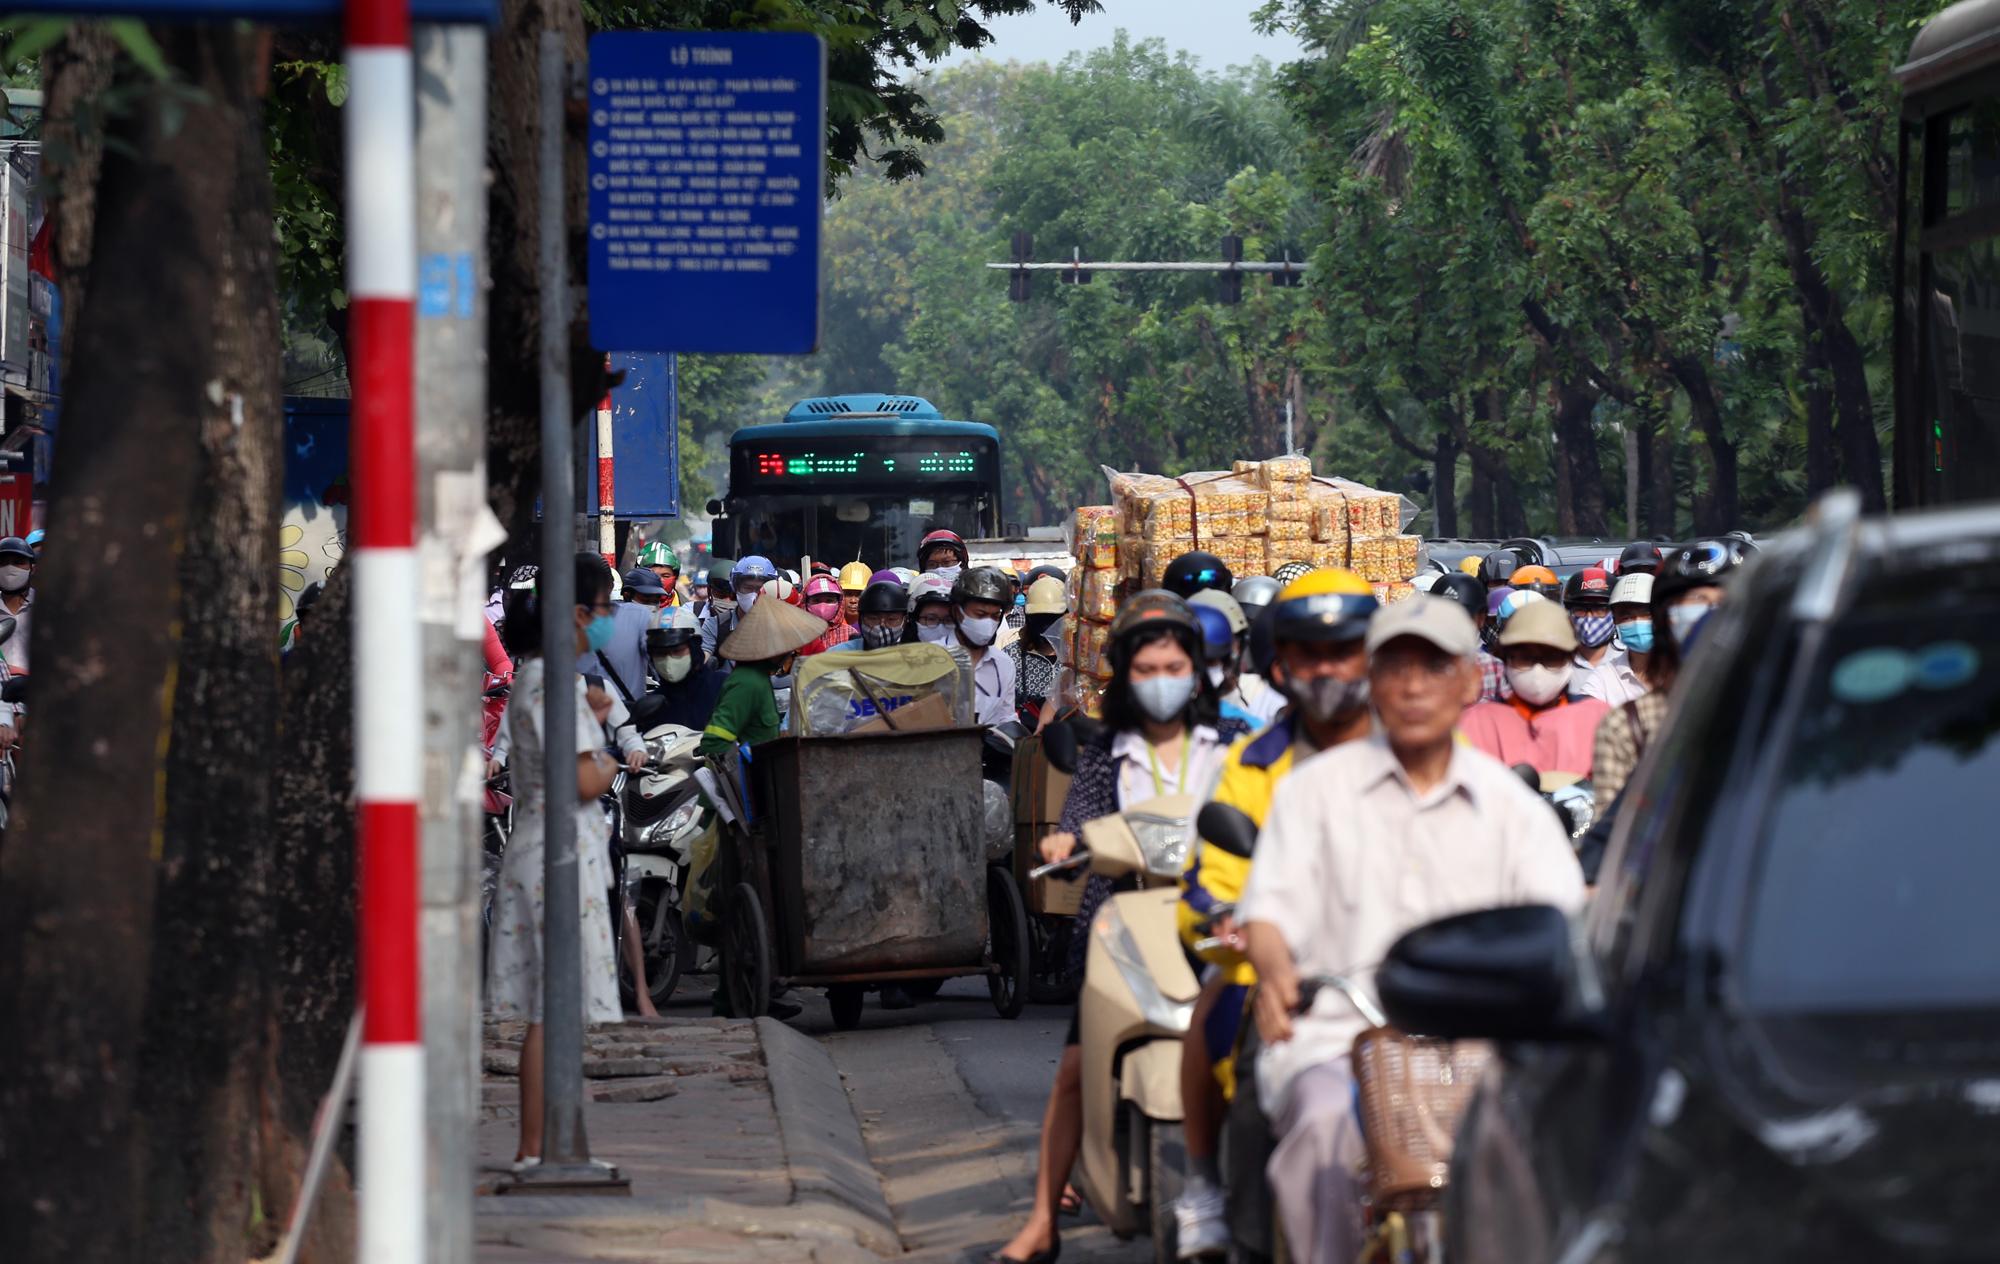 Chật vật qua nút giao Hoàng Quốc Việt - Nguyễn Văn Huyên đang xây cầu vượt - Ảnh 12.